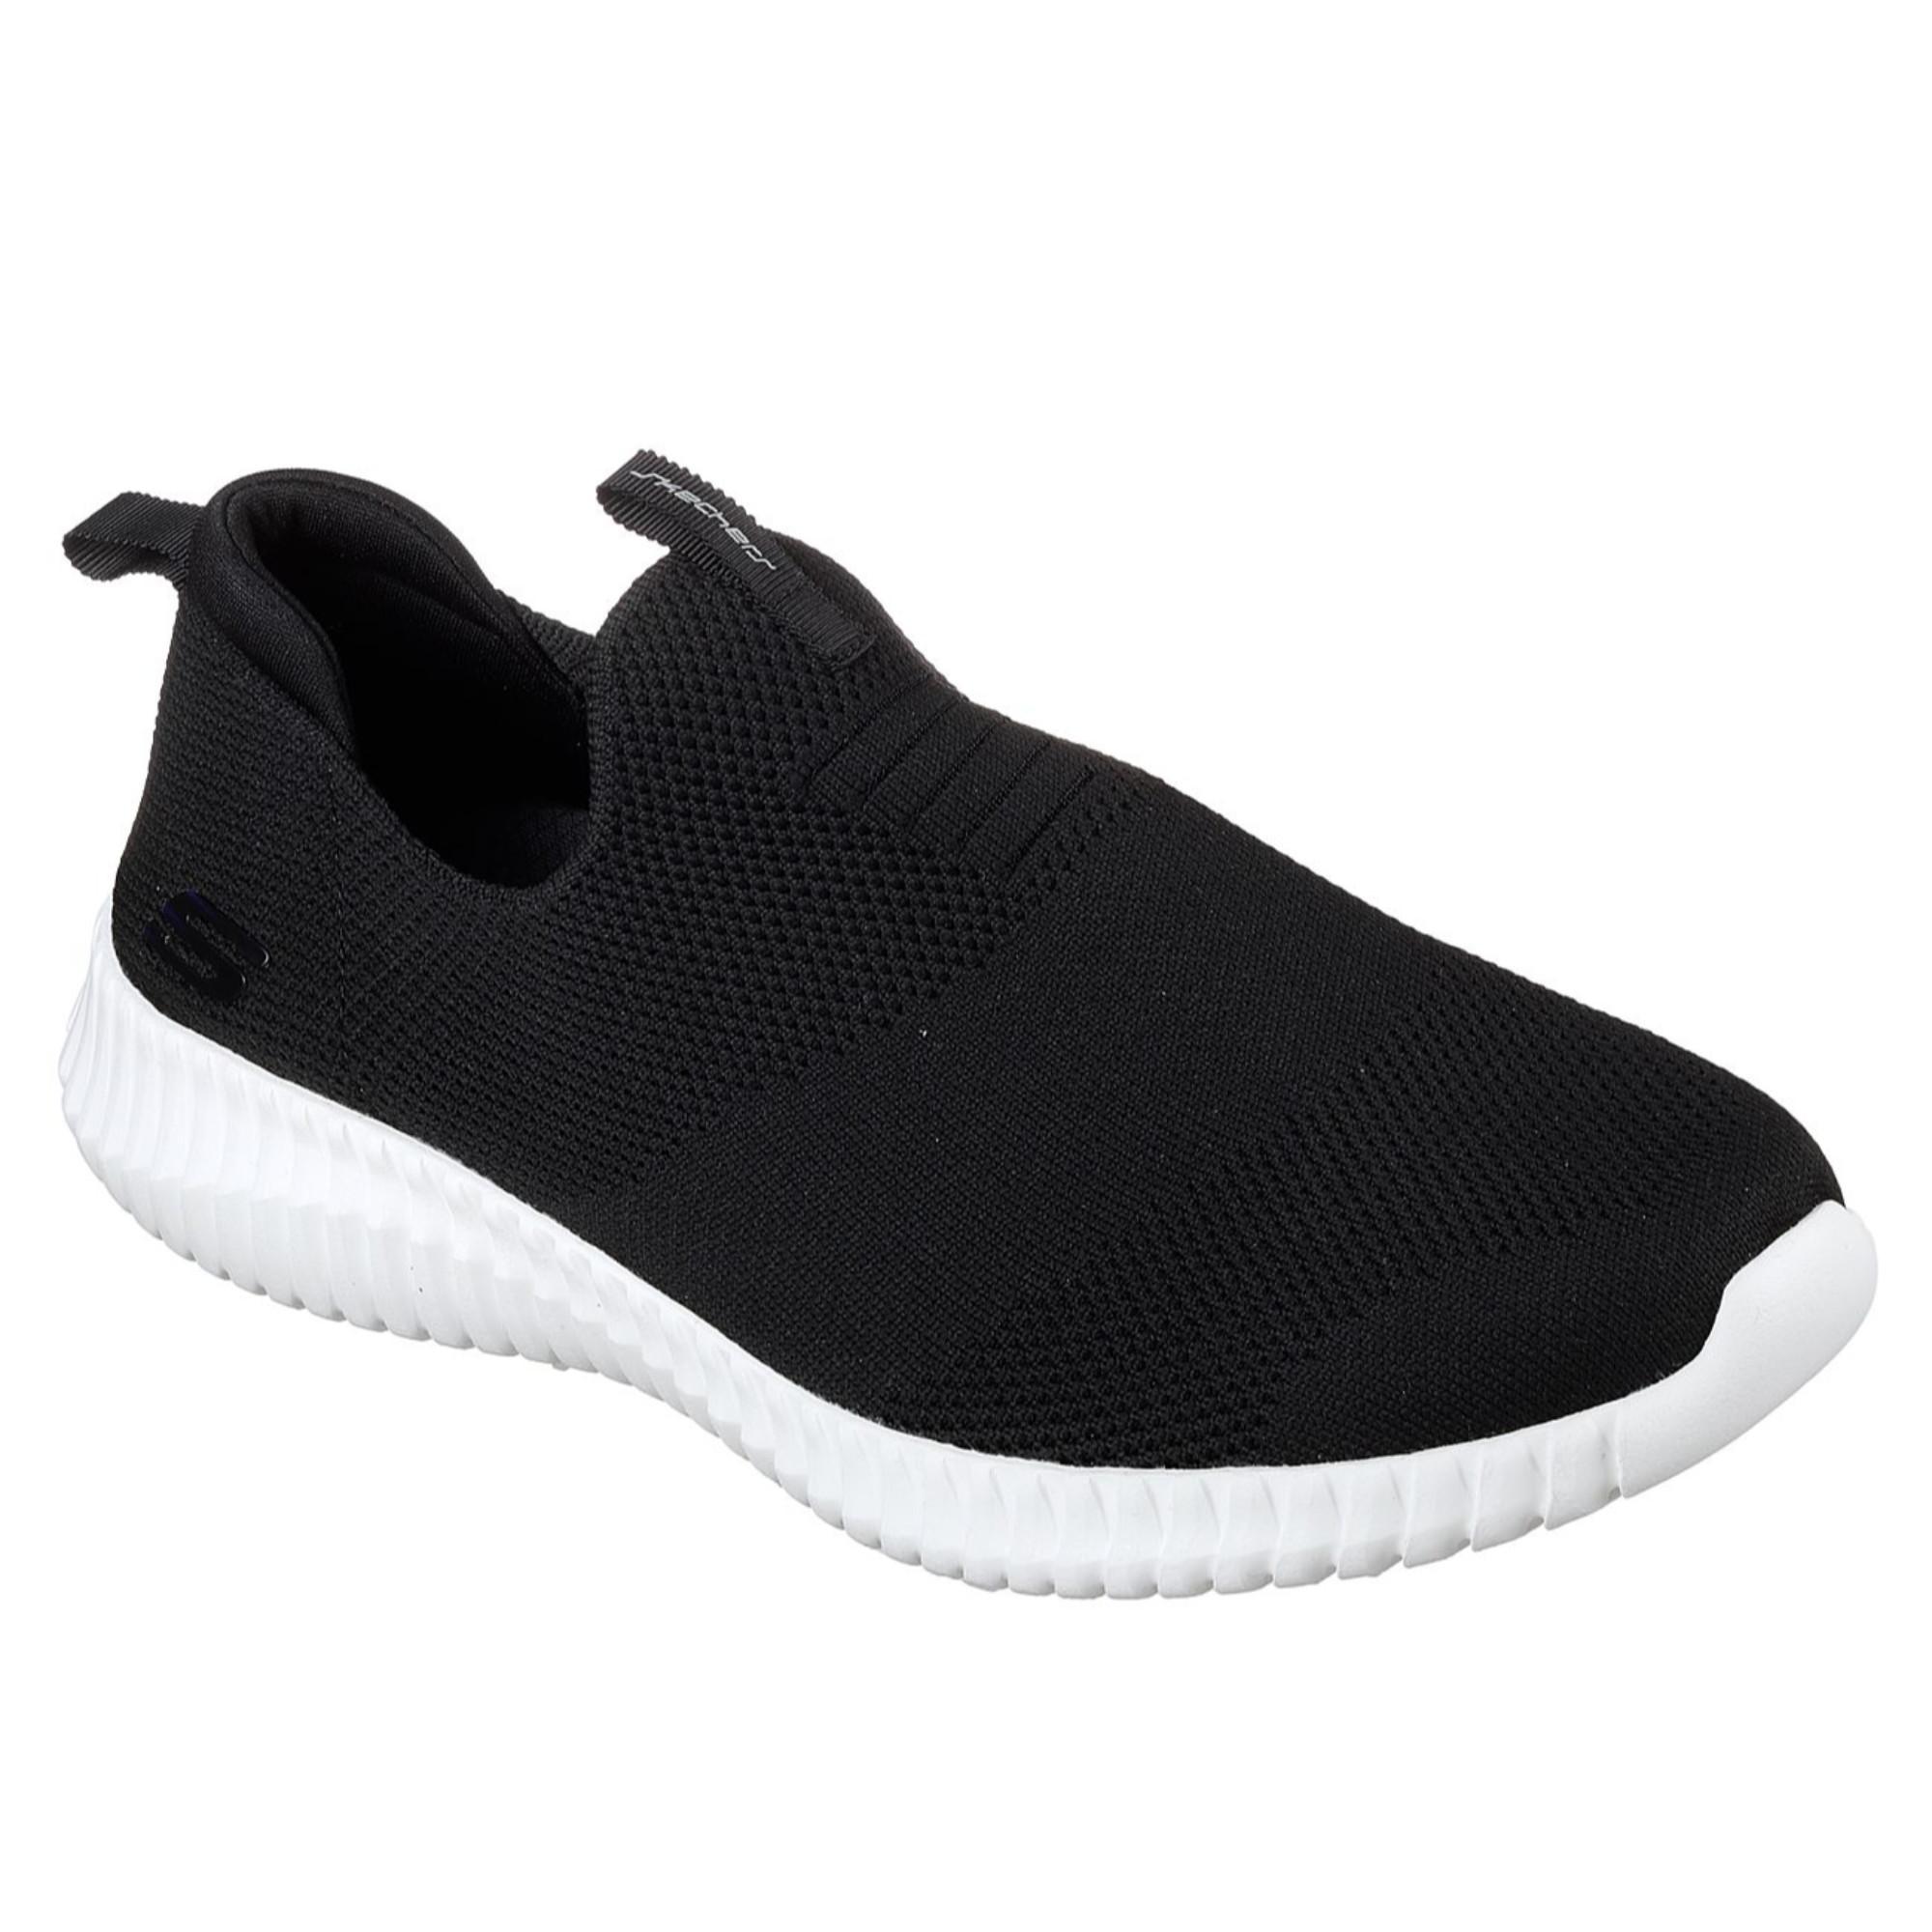 skechers shoes lahore